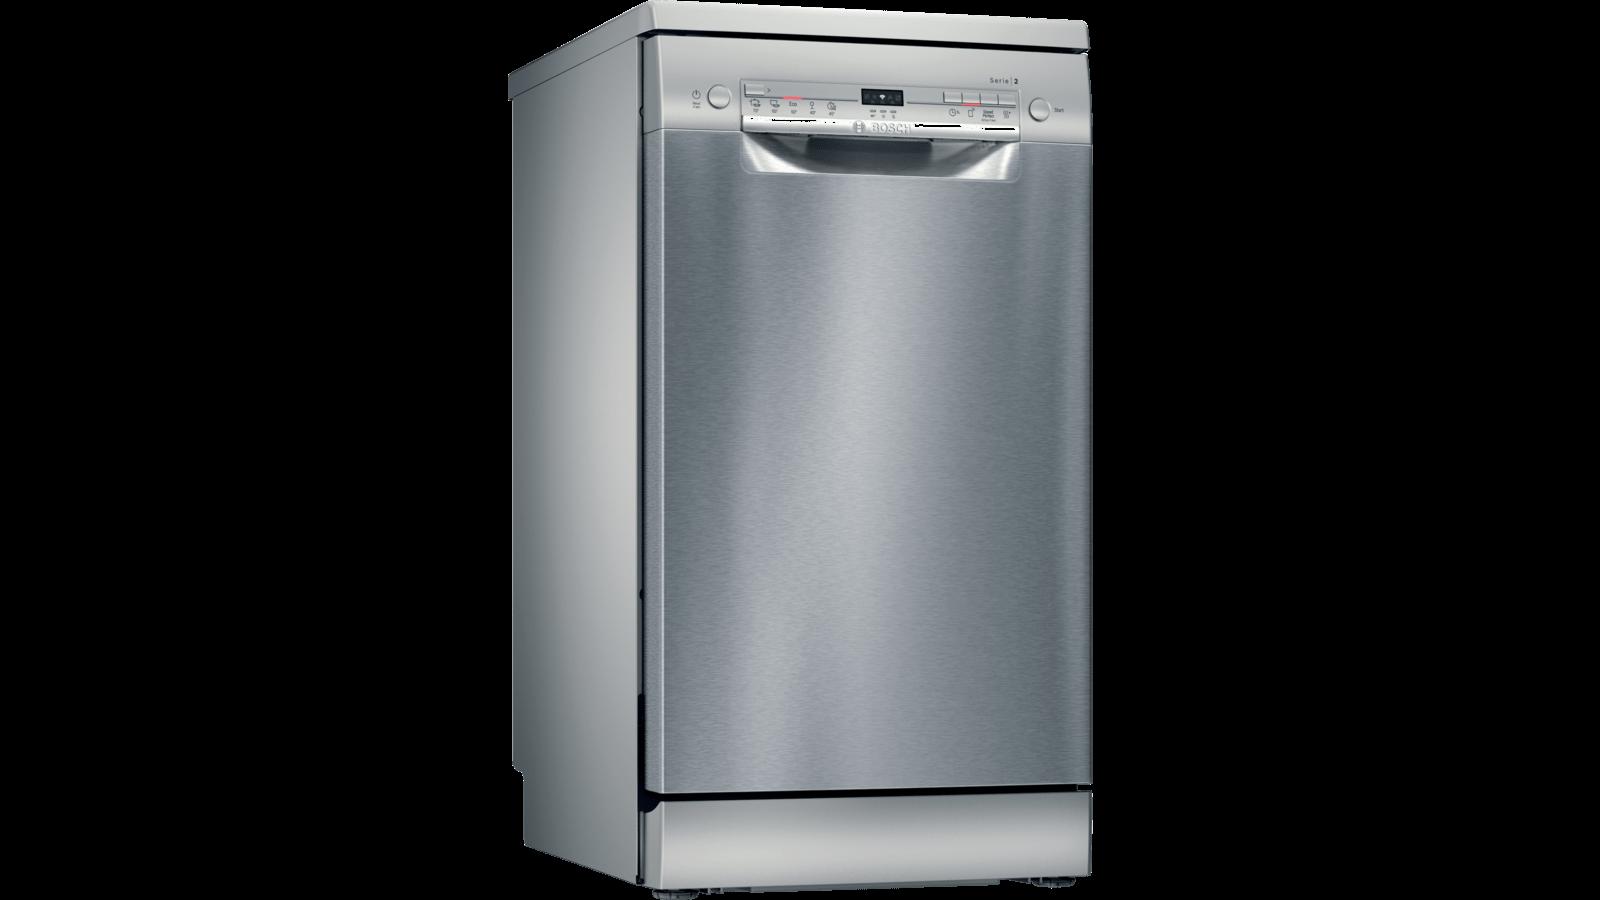 歡迎詢價優惠【BOSCH博世】9人份獨立式洗碗機 SPS2IKI06X